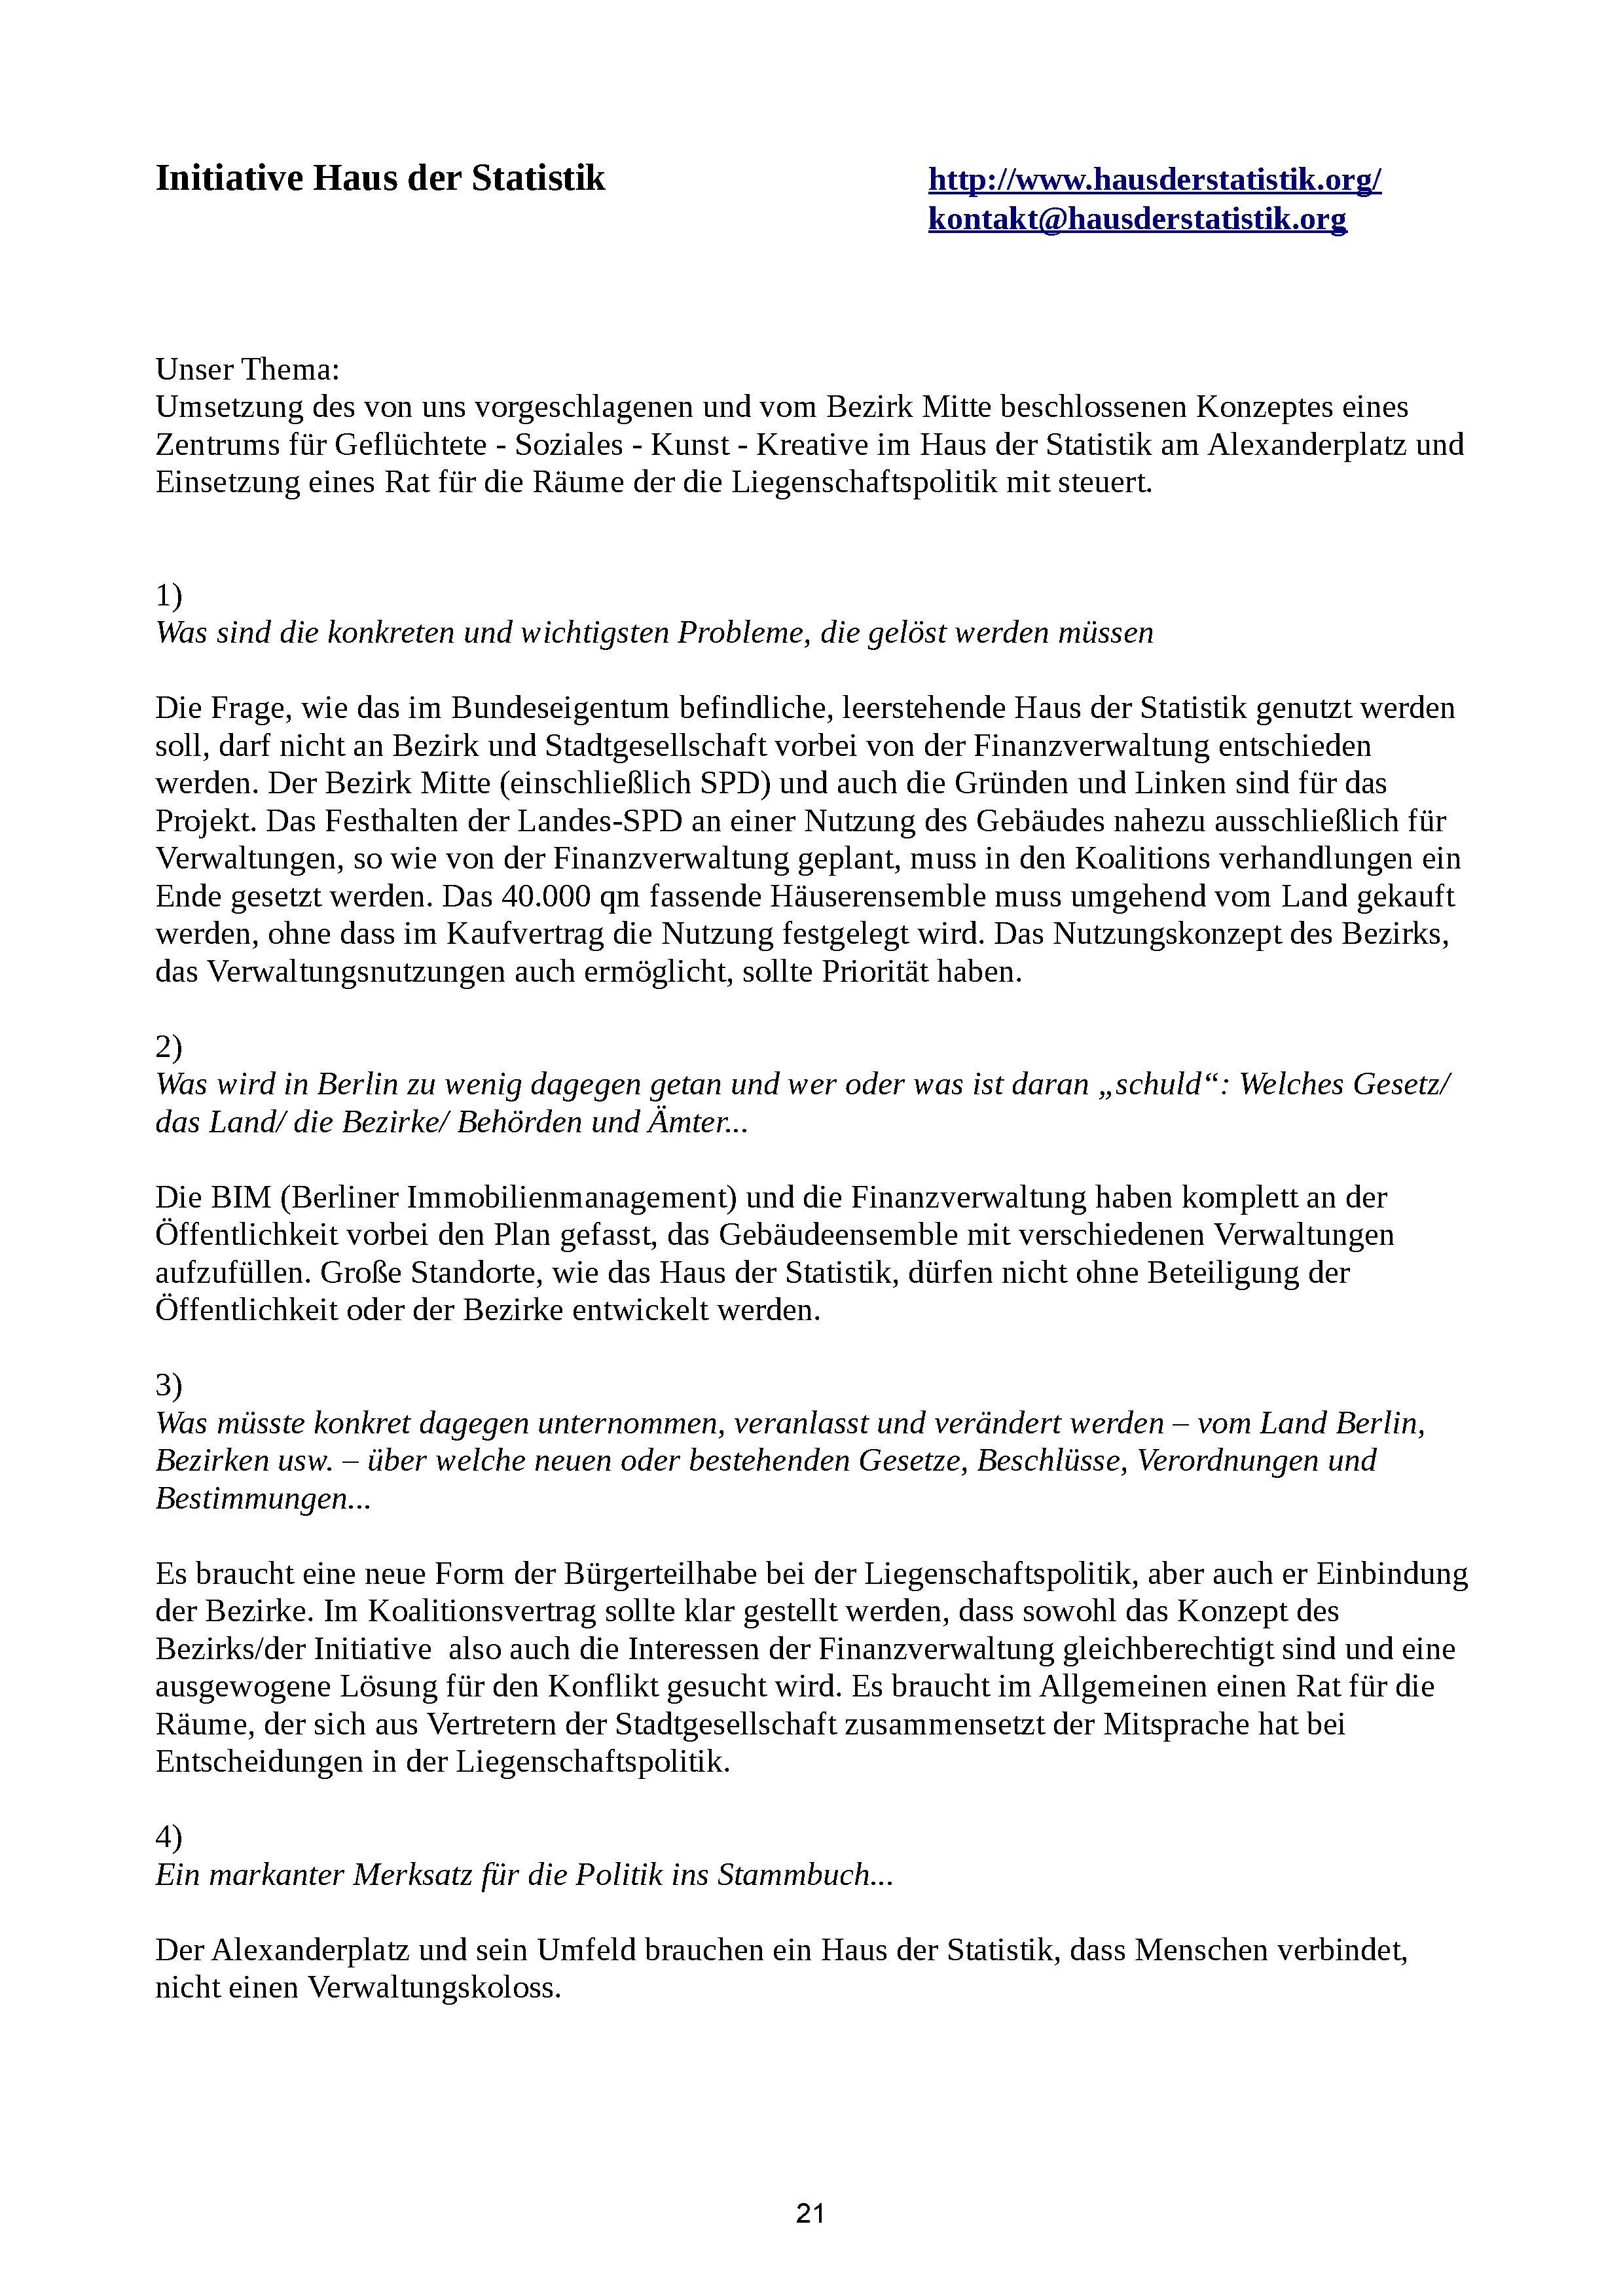 stadtpolitisches_hearing_021116_pressemappe1_seite_21_02